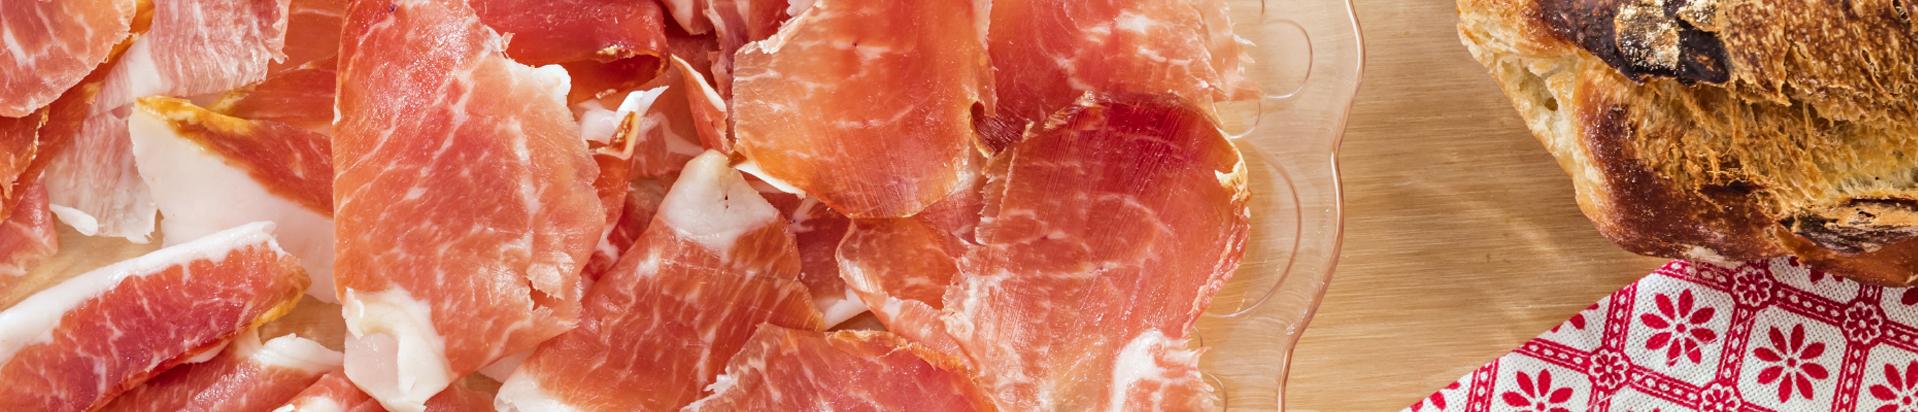 Loncha - Mejor jamón de Teruel